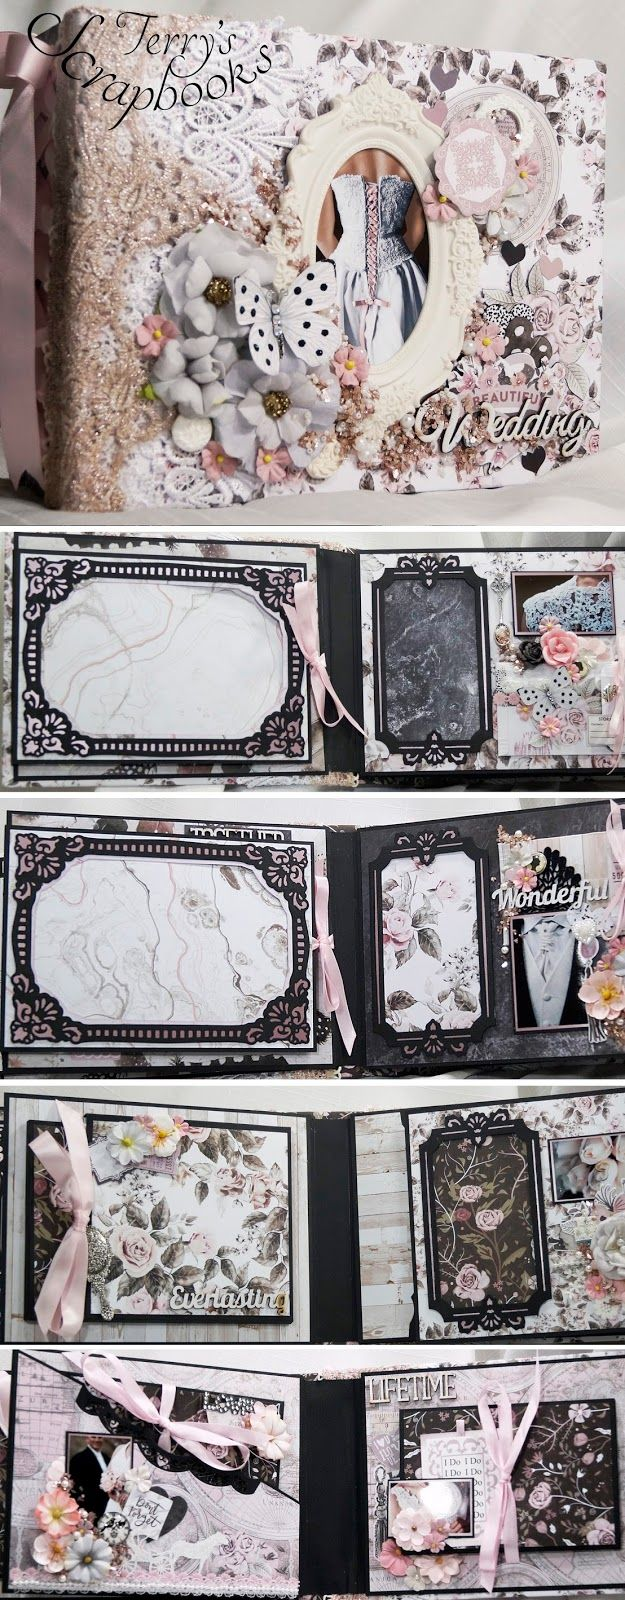 Terry's Scrapbooks: Prima Rose Quartz Wedding Mini Album Reneabouquets Design Team Project